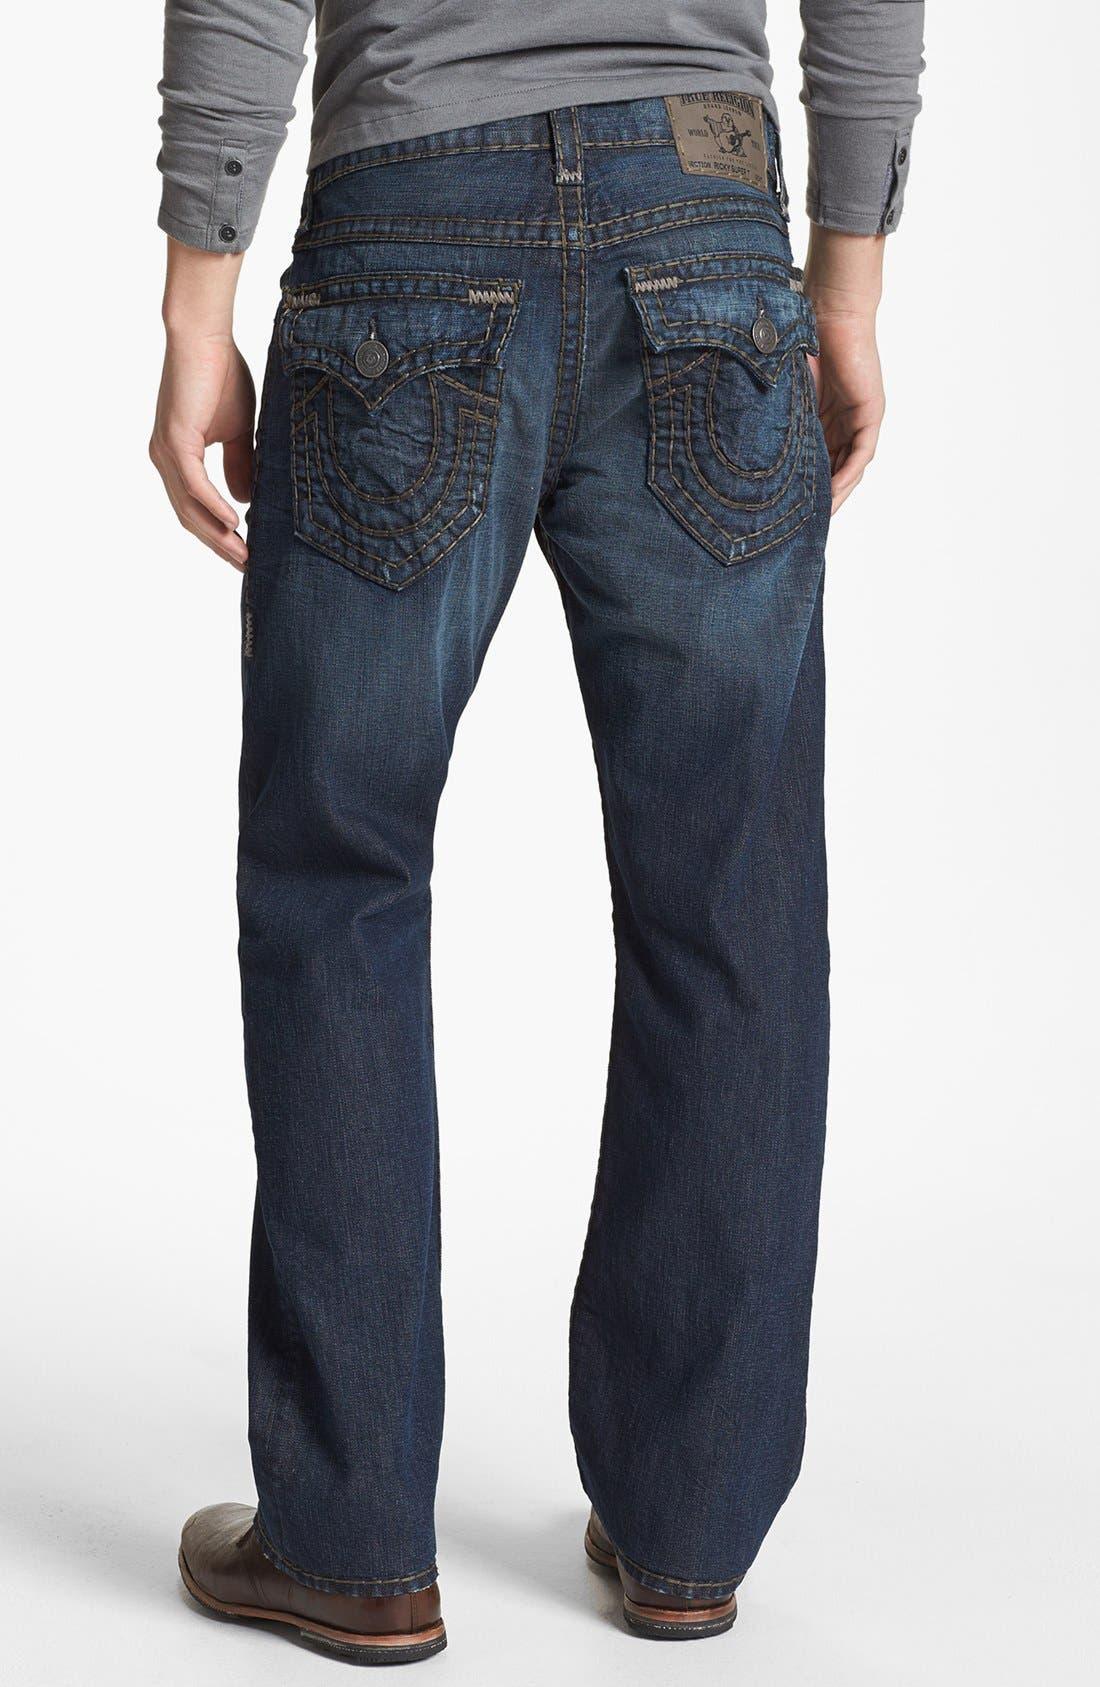 Alternate Image 1 Selected - True Religion Brand Jeans 'Ricky - Super T' Straight Leg Jeans (Asjd Breaking Grounds)